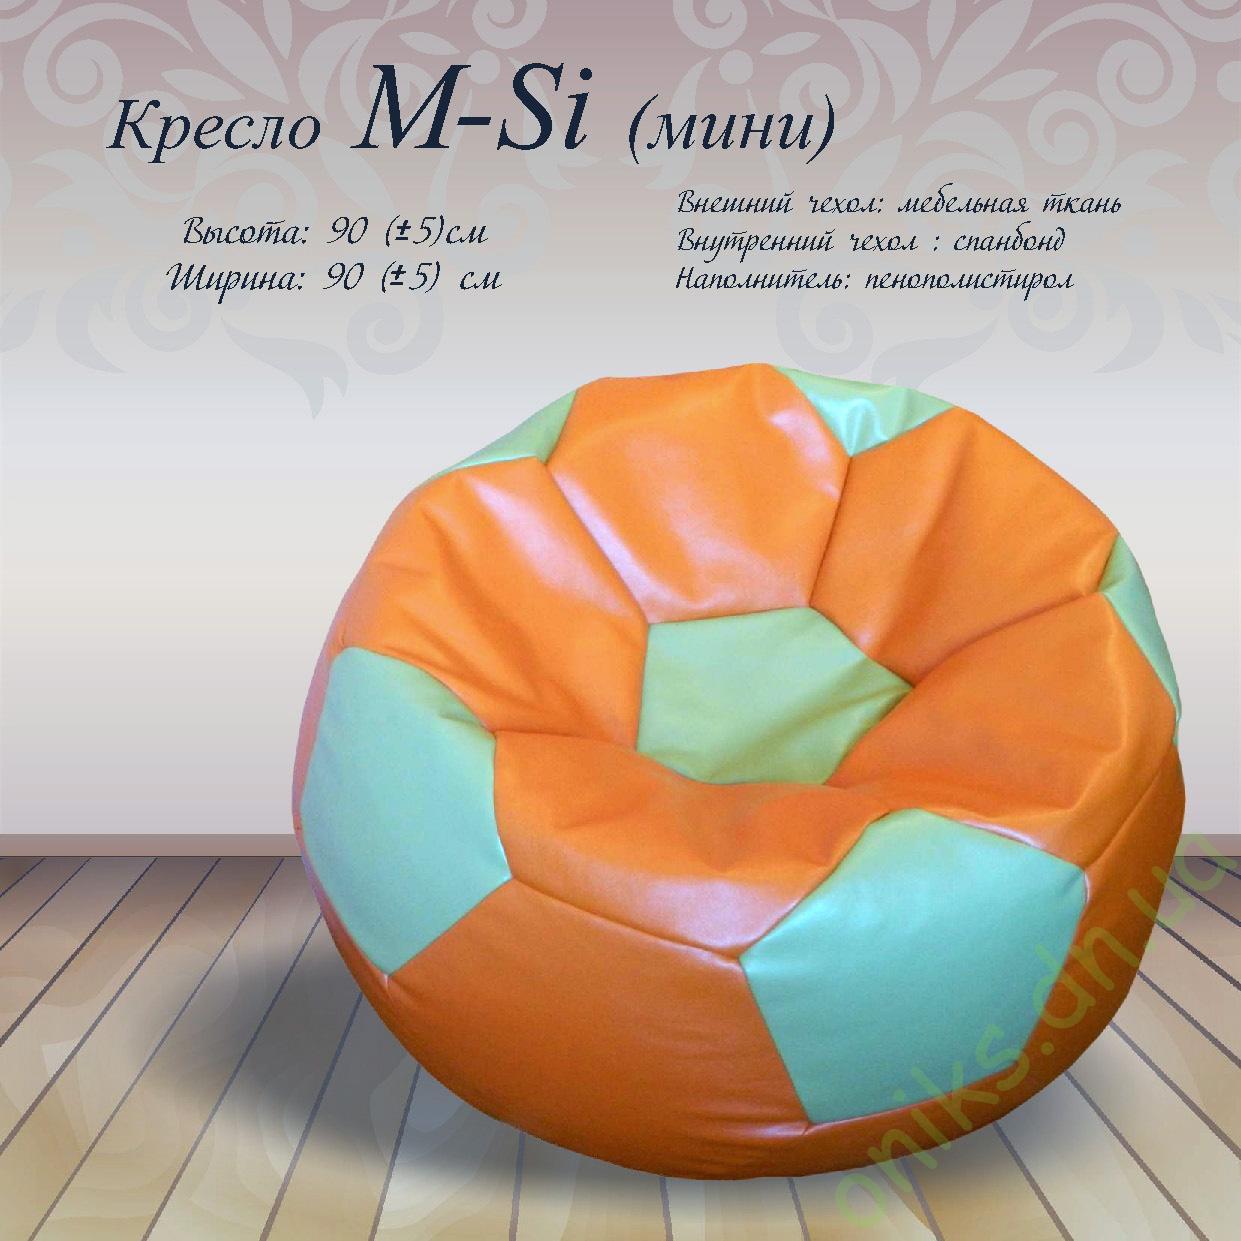 Купить кресло M-Si (мини) в Донецке